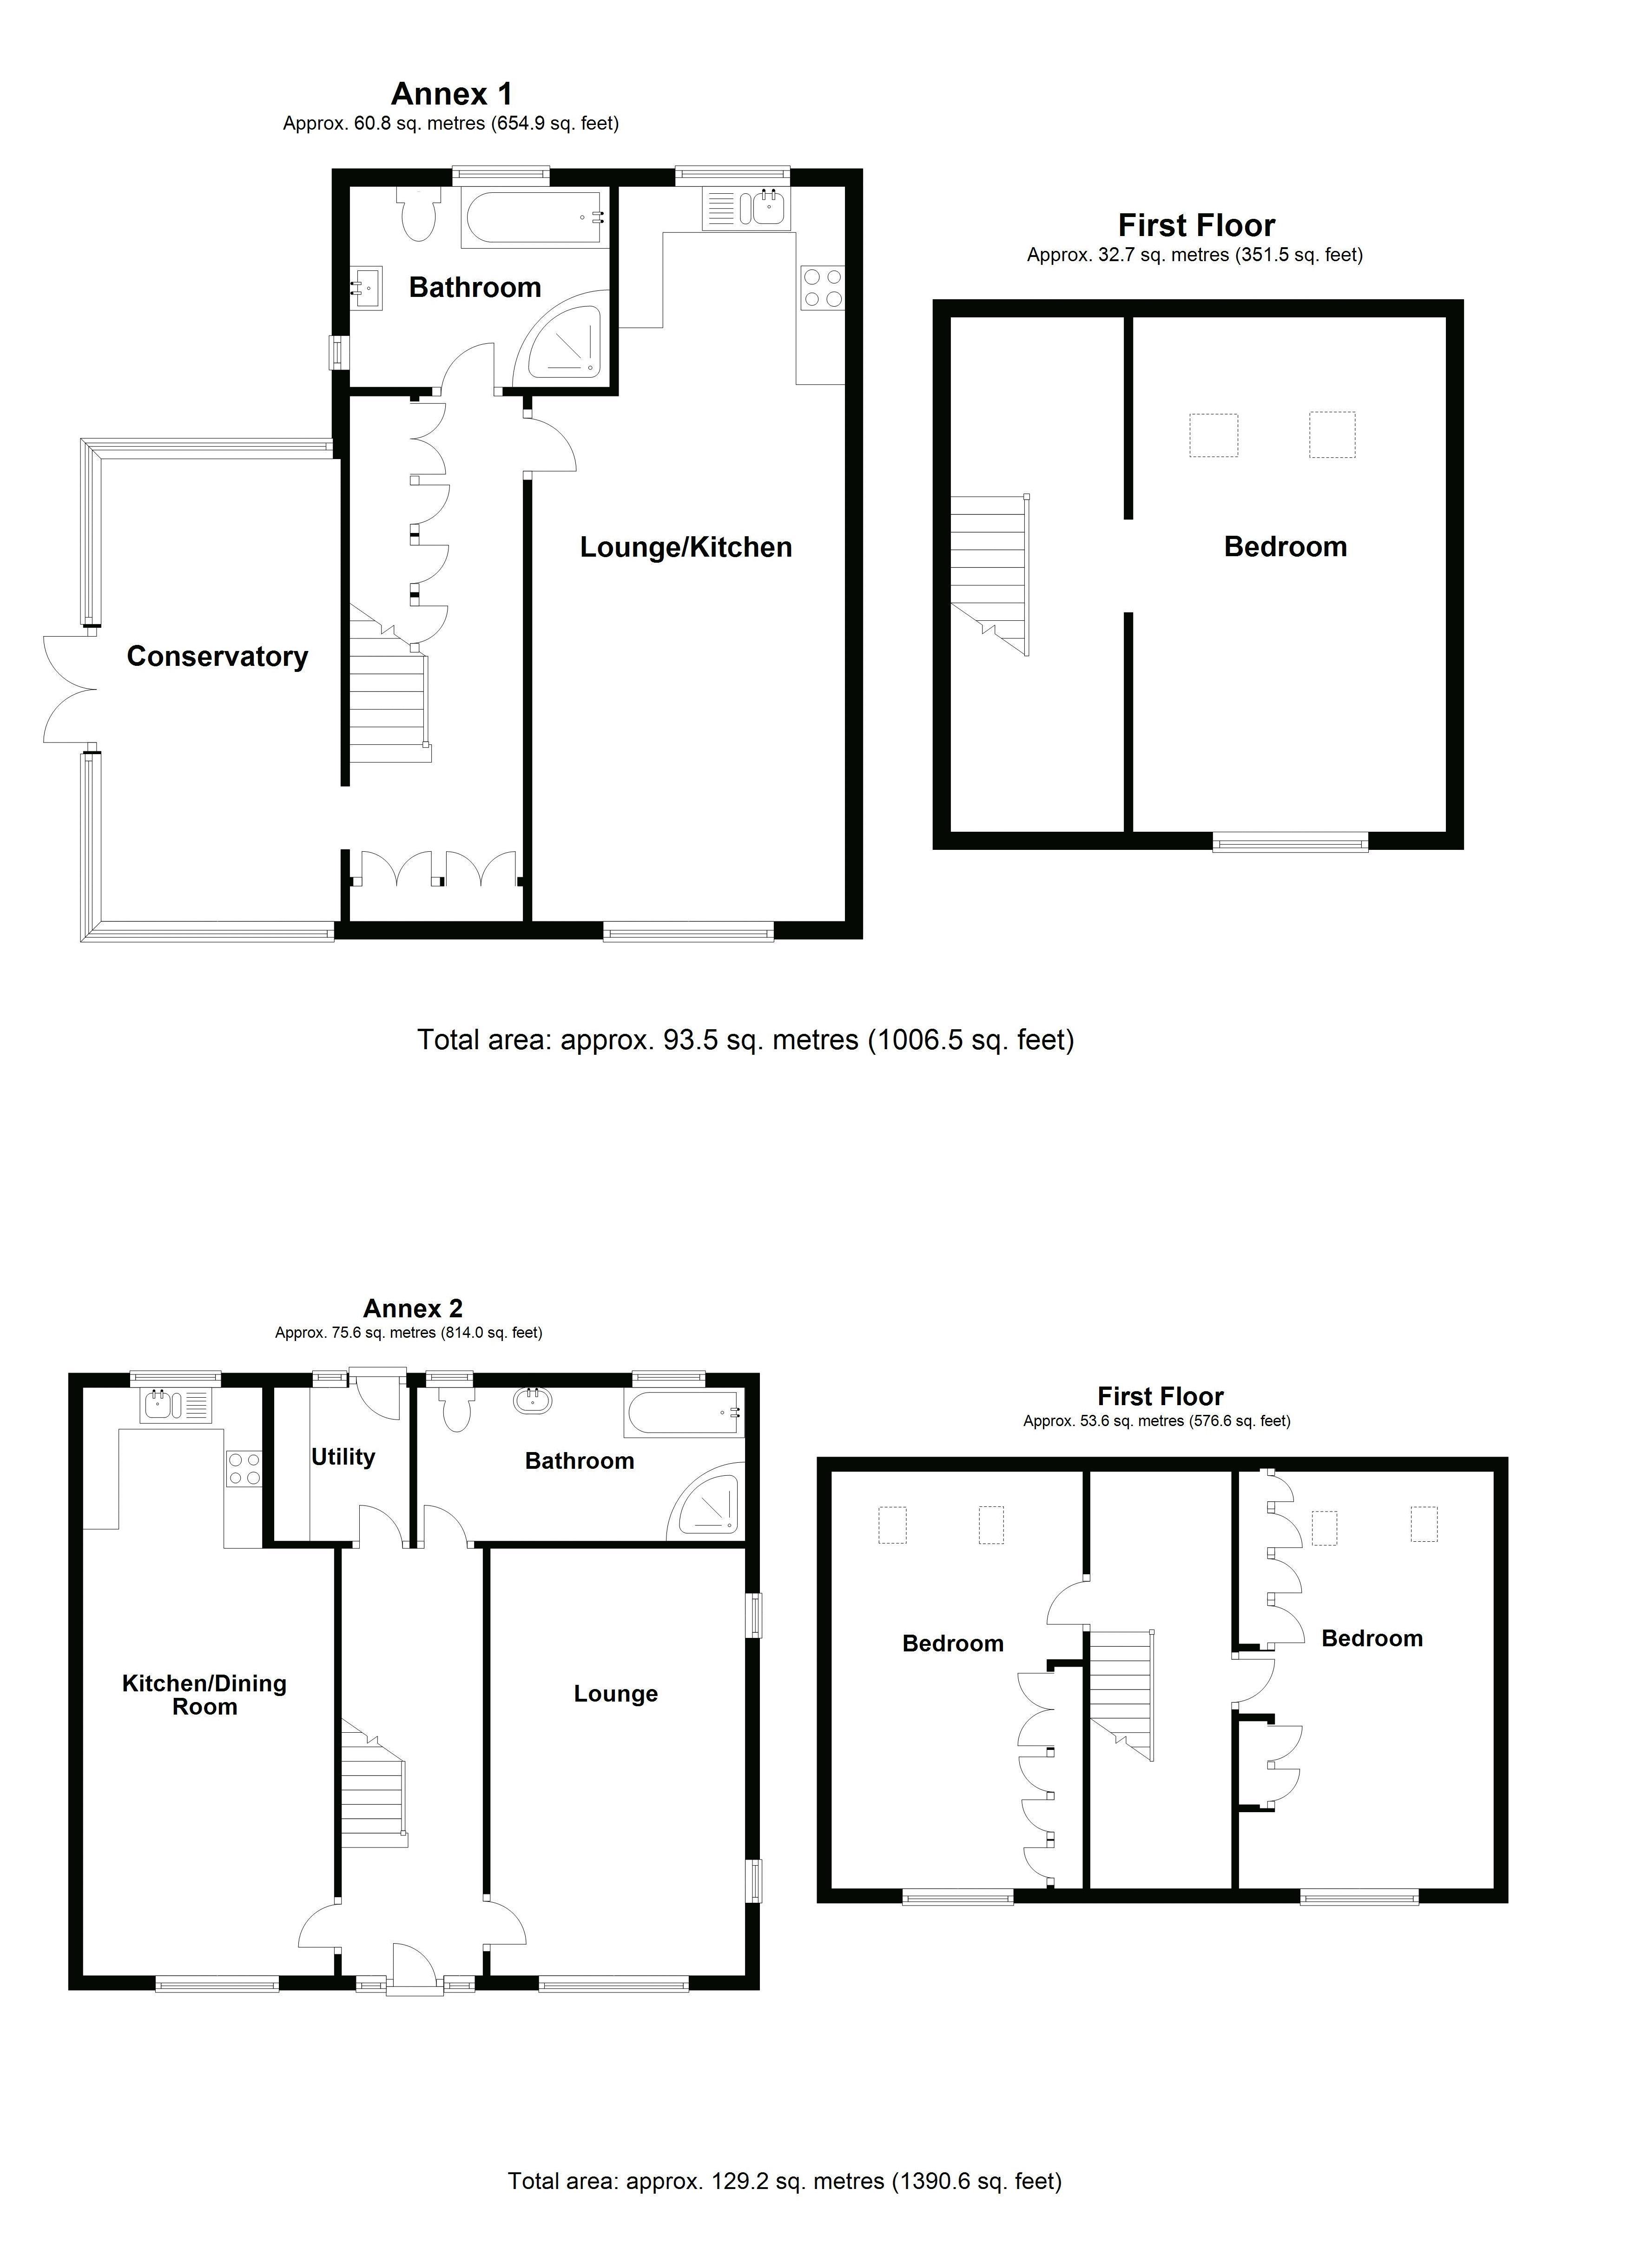 Annexe 1 & 2